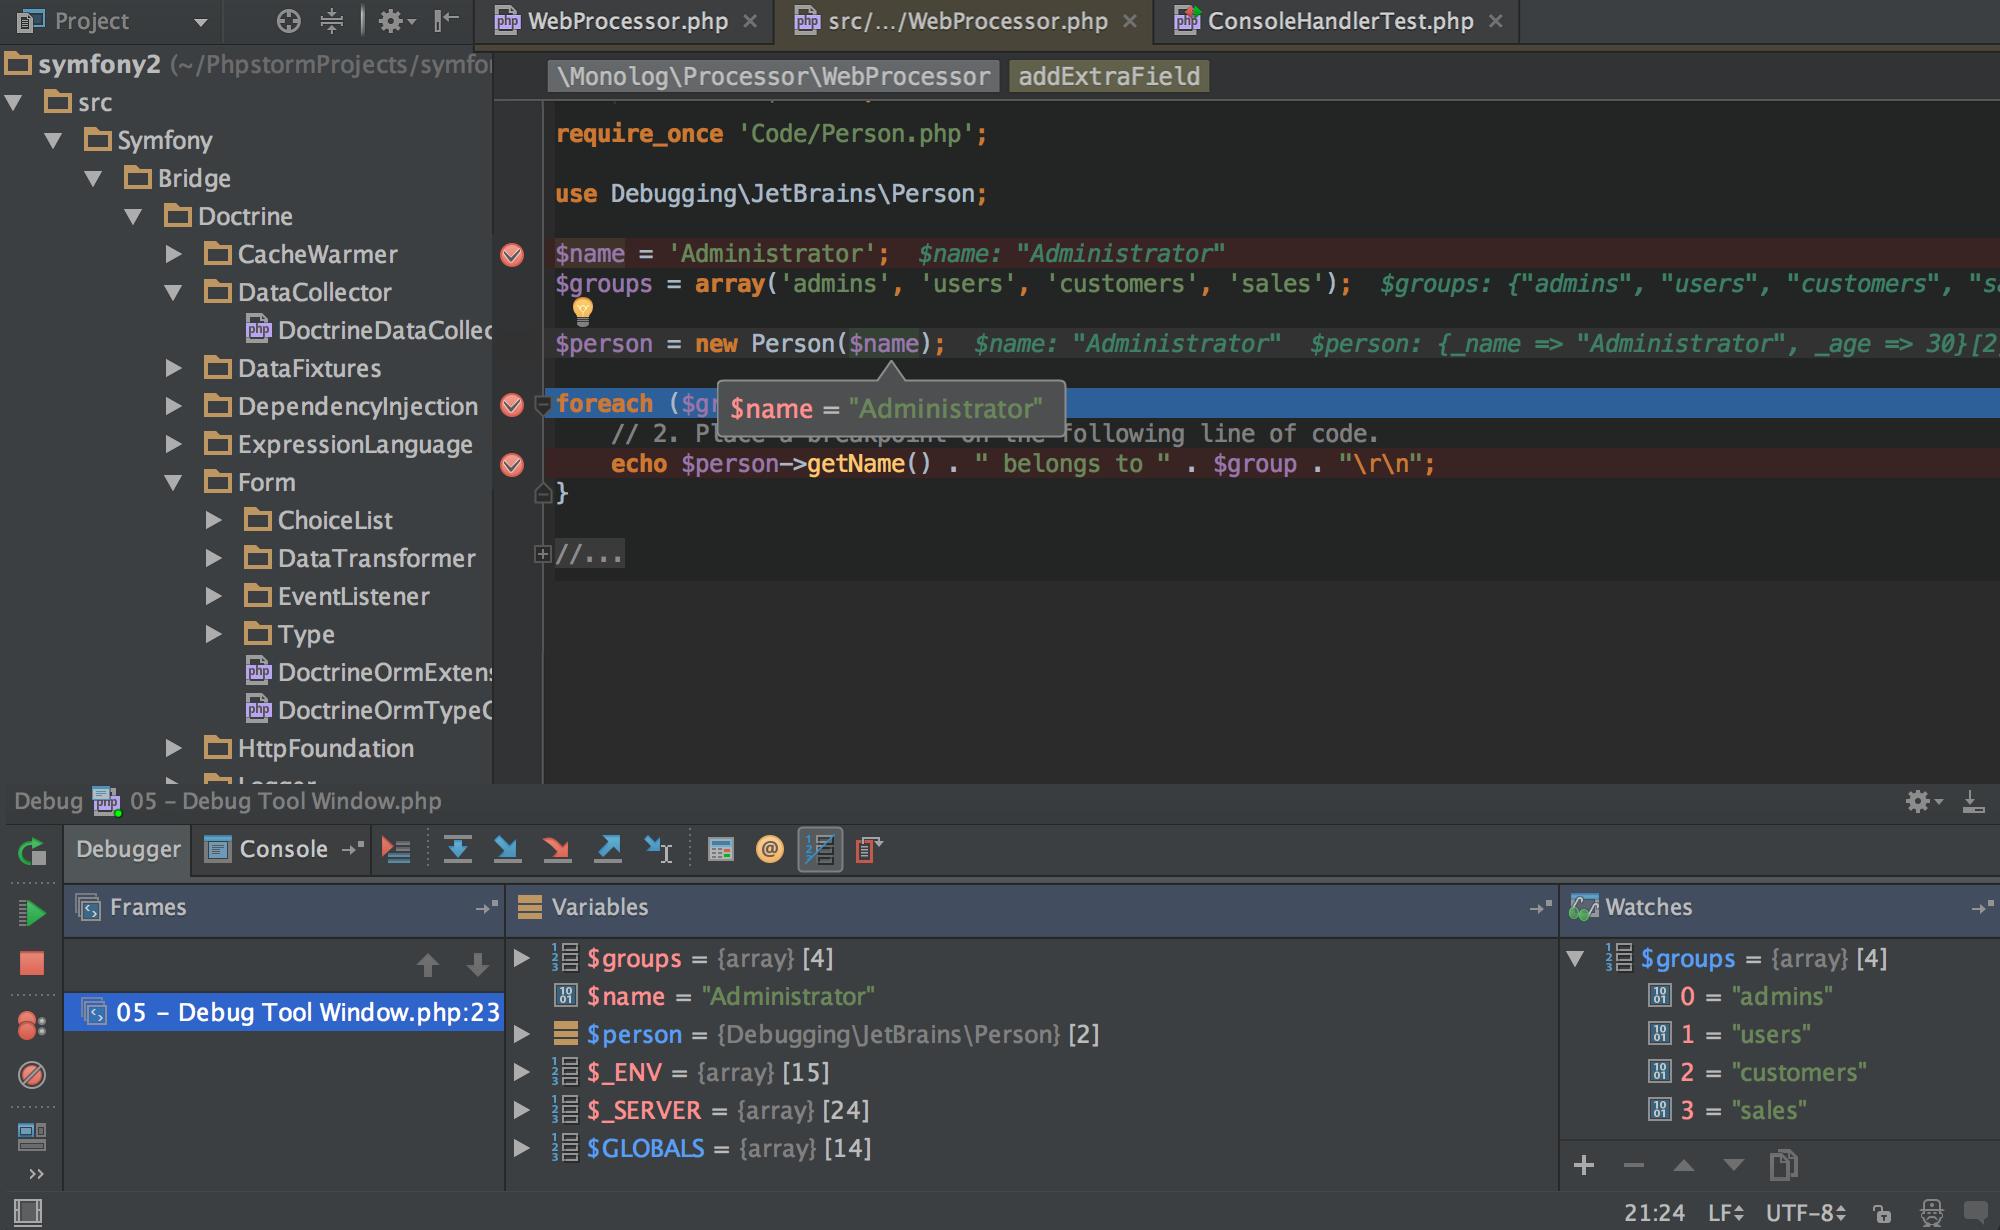 Screenshot of PHPStorm